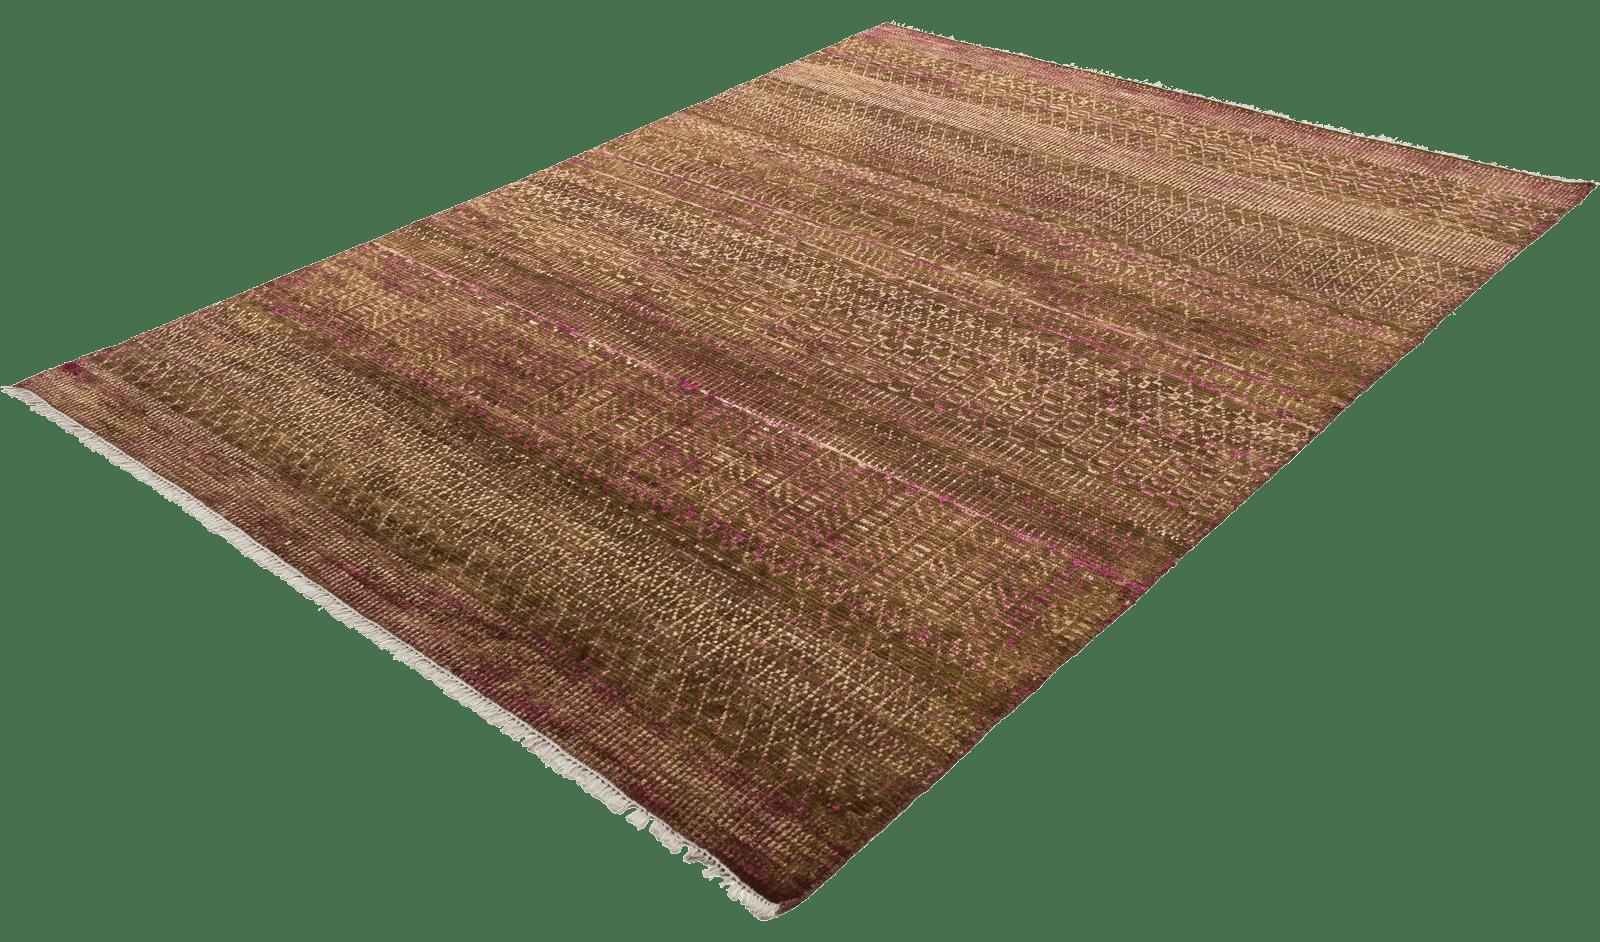 sari-silk-tribal-brown-tapijt-moderne-tapijten-handgeknoopte-design-exclusieve-luxe-vloerkleden-koreman-maastricht